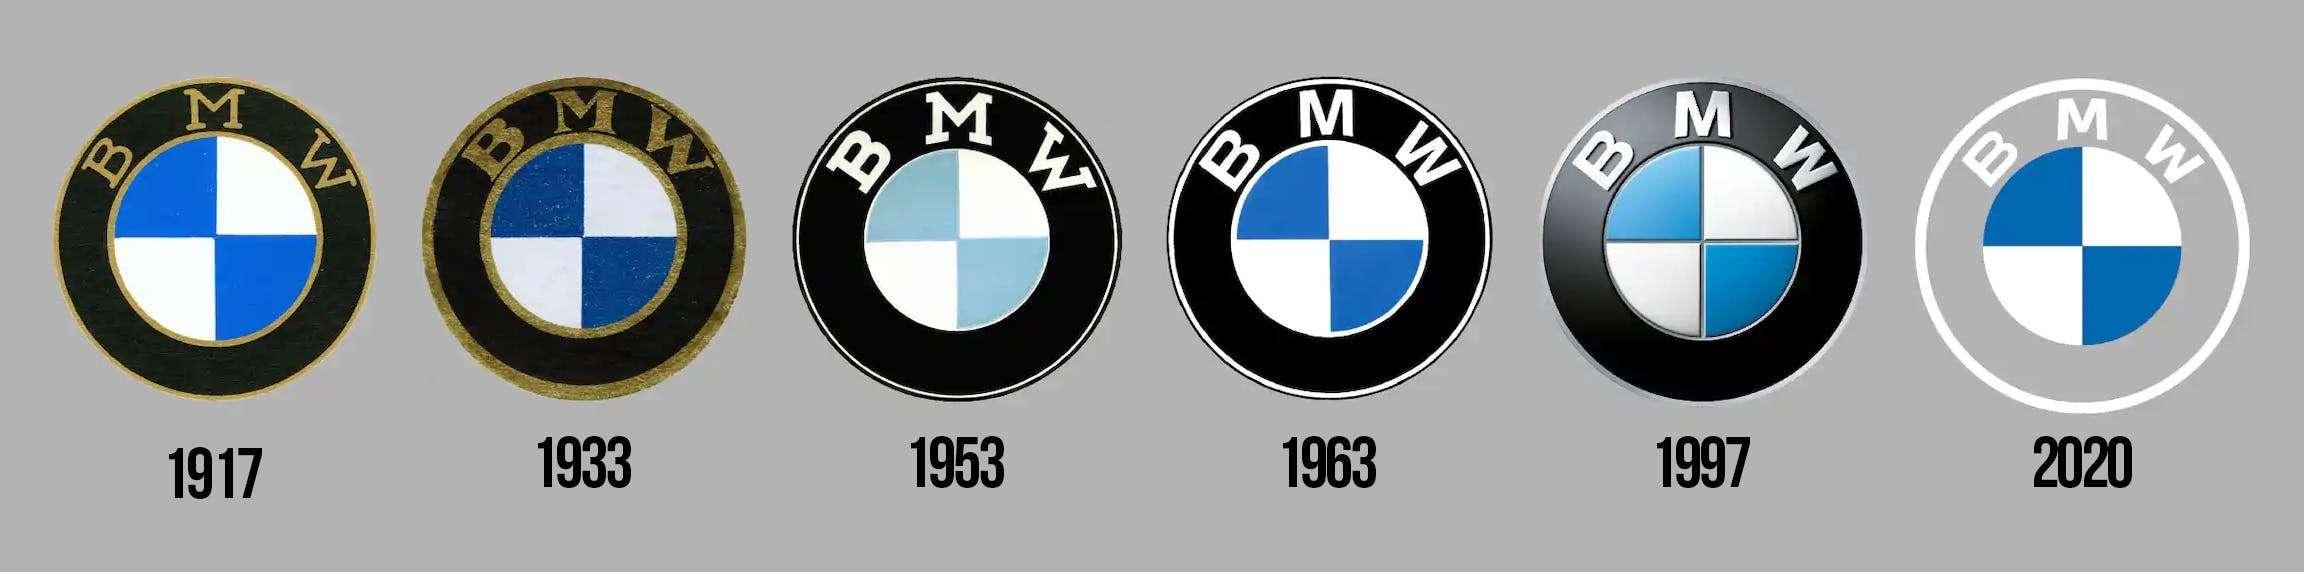 Теперь без черного: BMW сменила логотип— фото 1089392